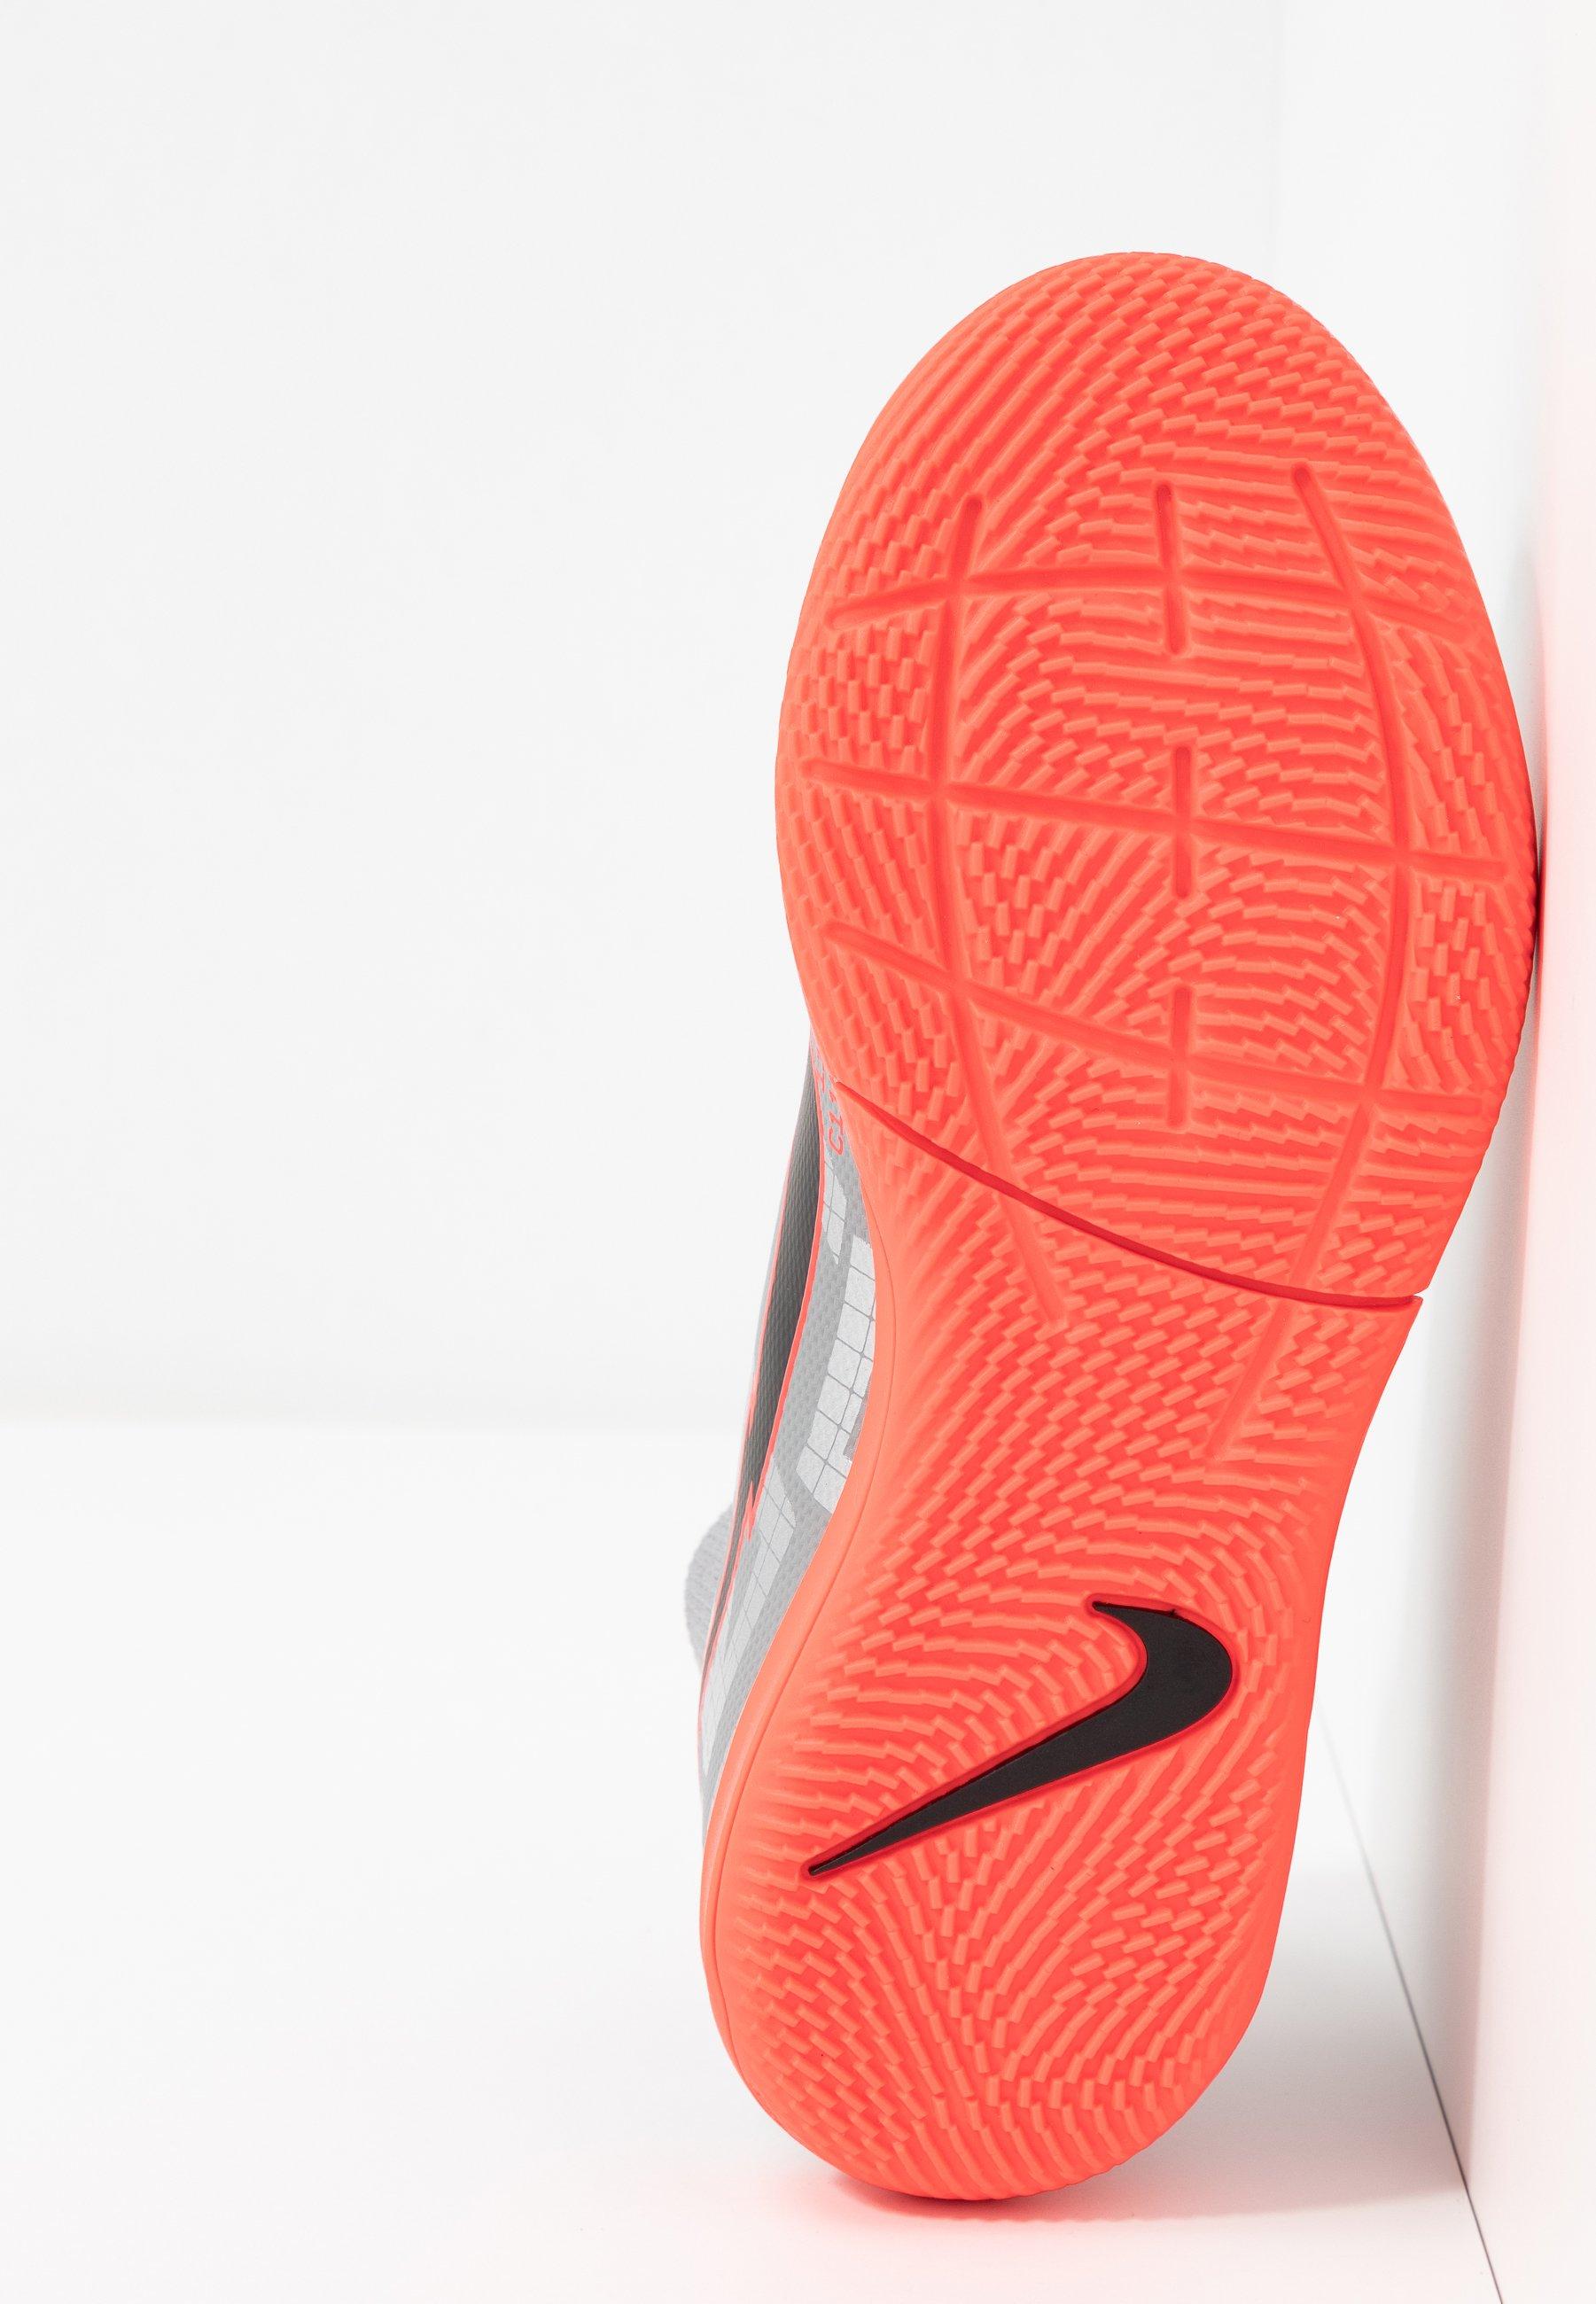 MERCURIAL 7 ACADEMY IC Chaussures de foot en salle metallic bomber greyblackparticle grey